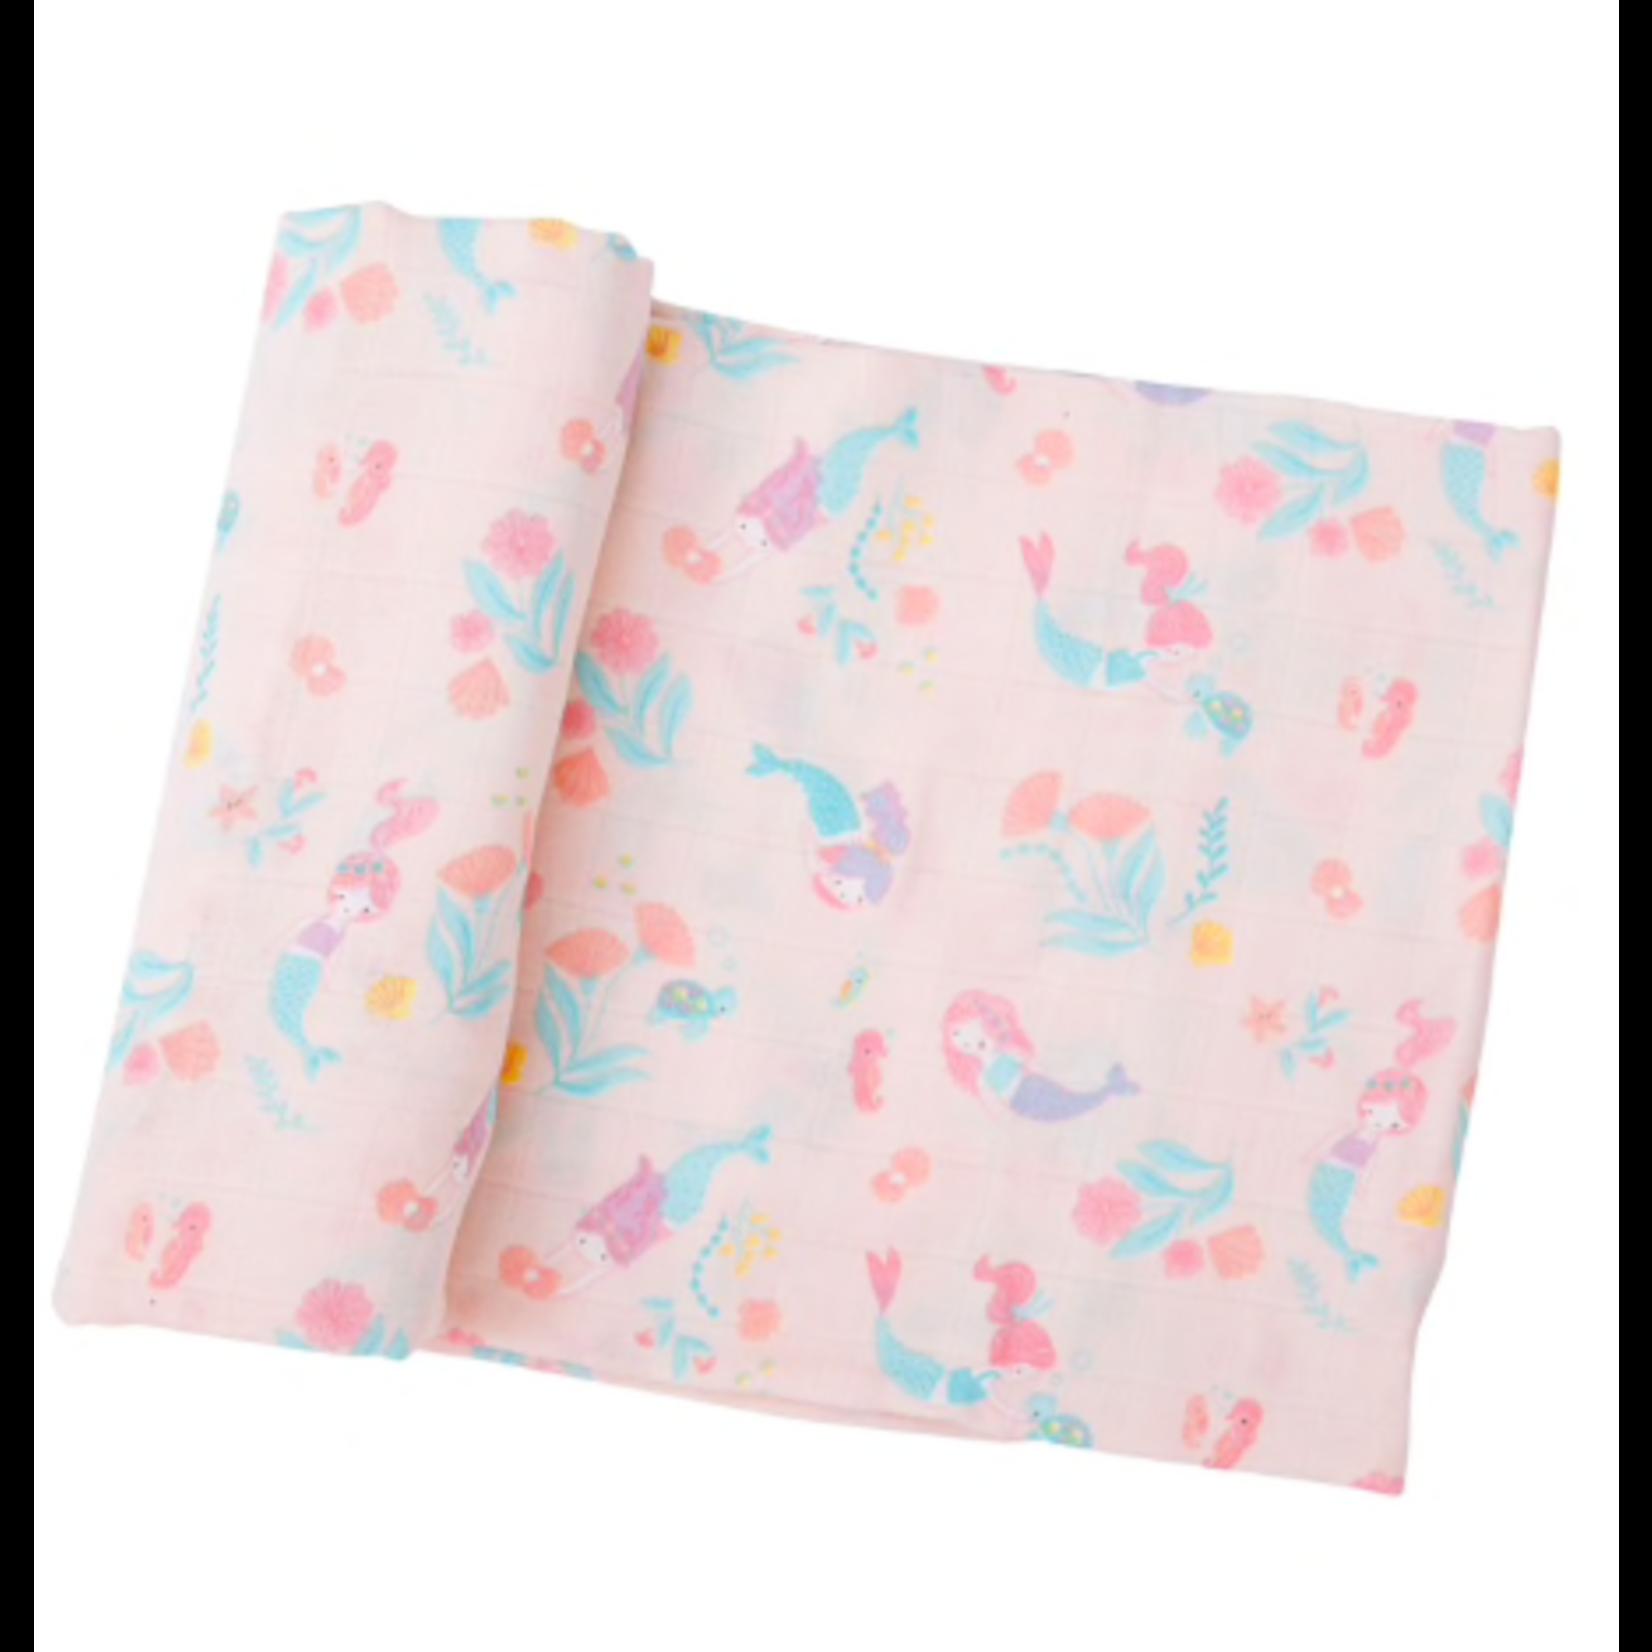 Angel Dear Mermaids Swaddle Blanket Pink (47 x 47)